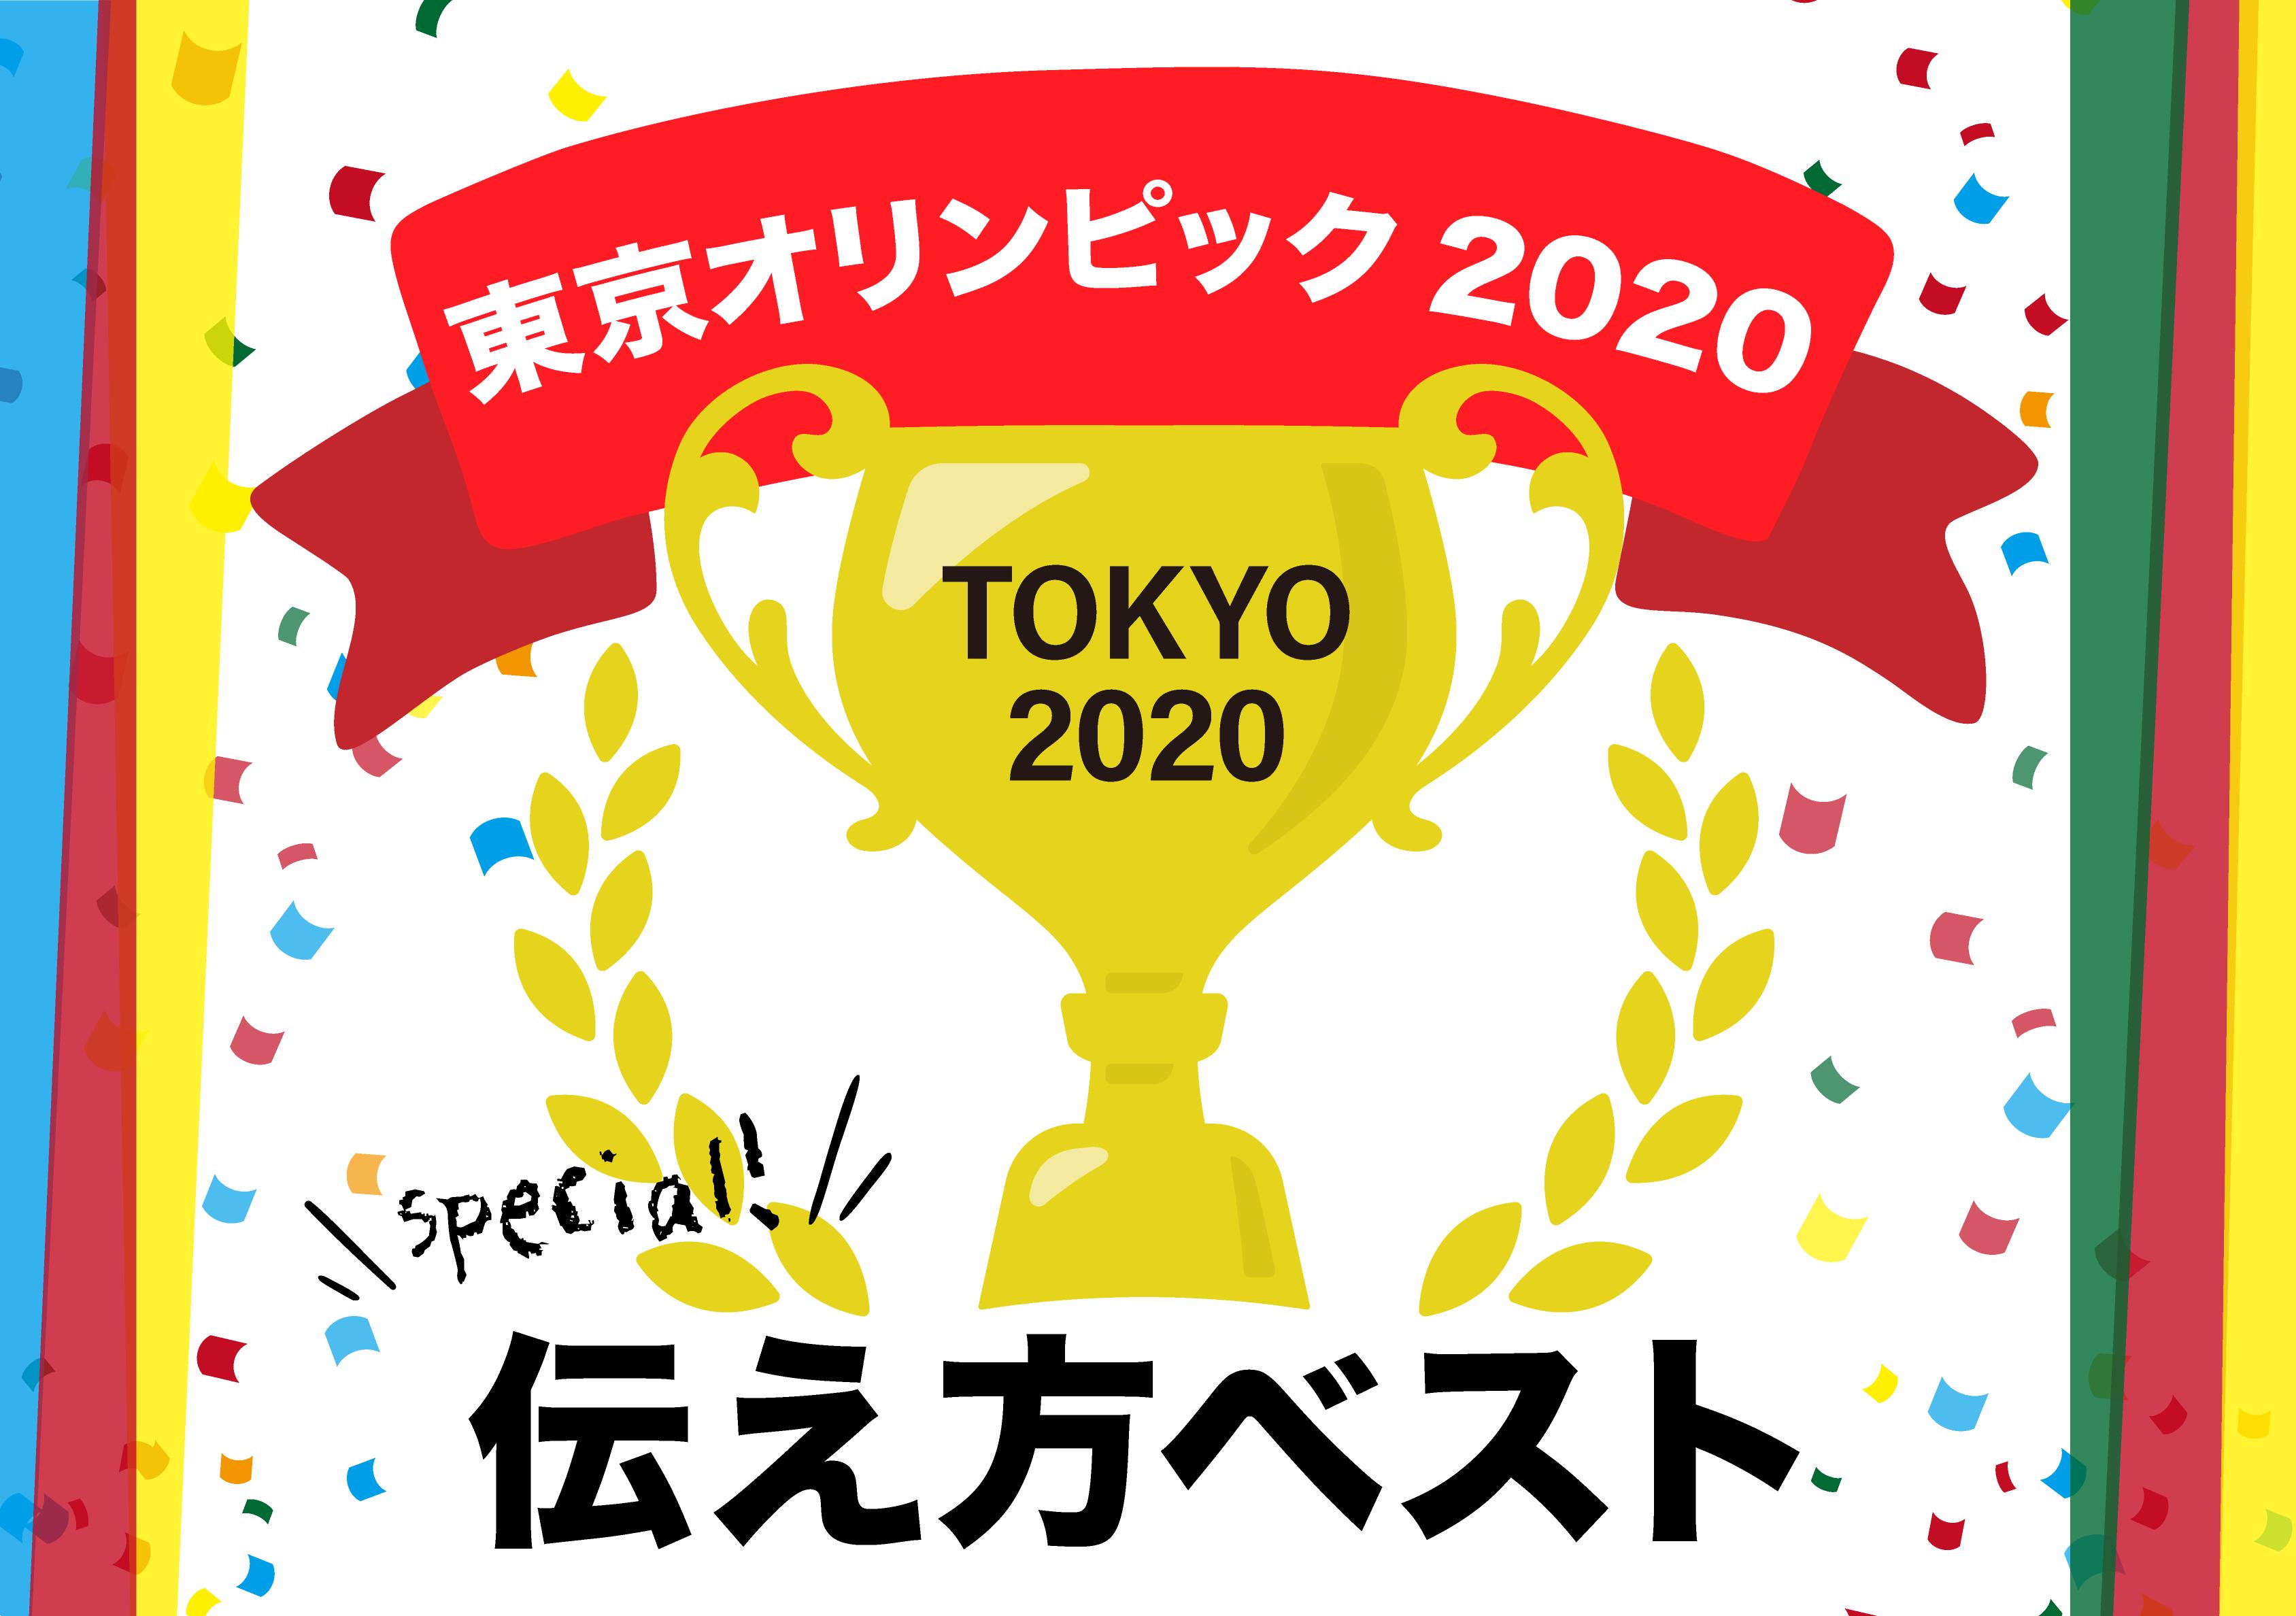 【名言集】特別編!東京オリンピック2020の伝え方ベスト